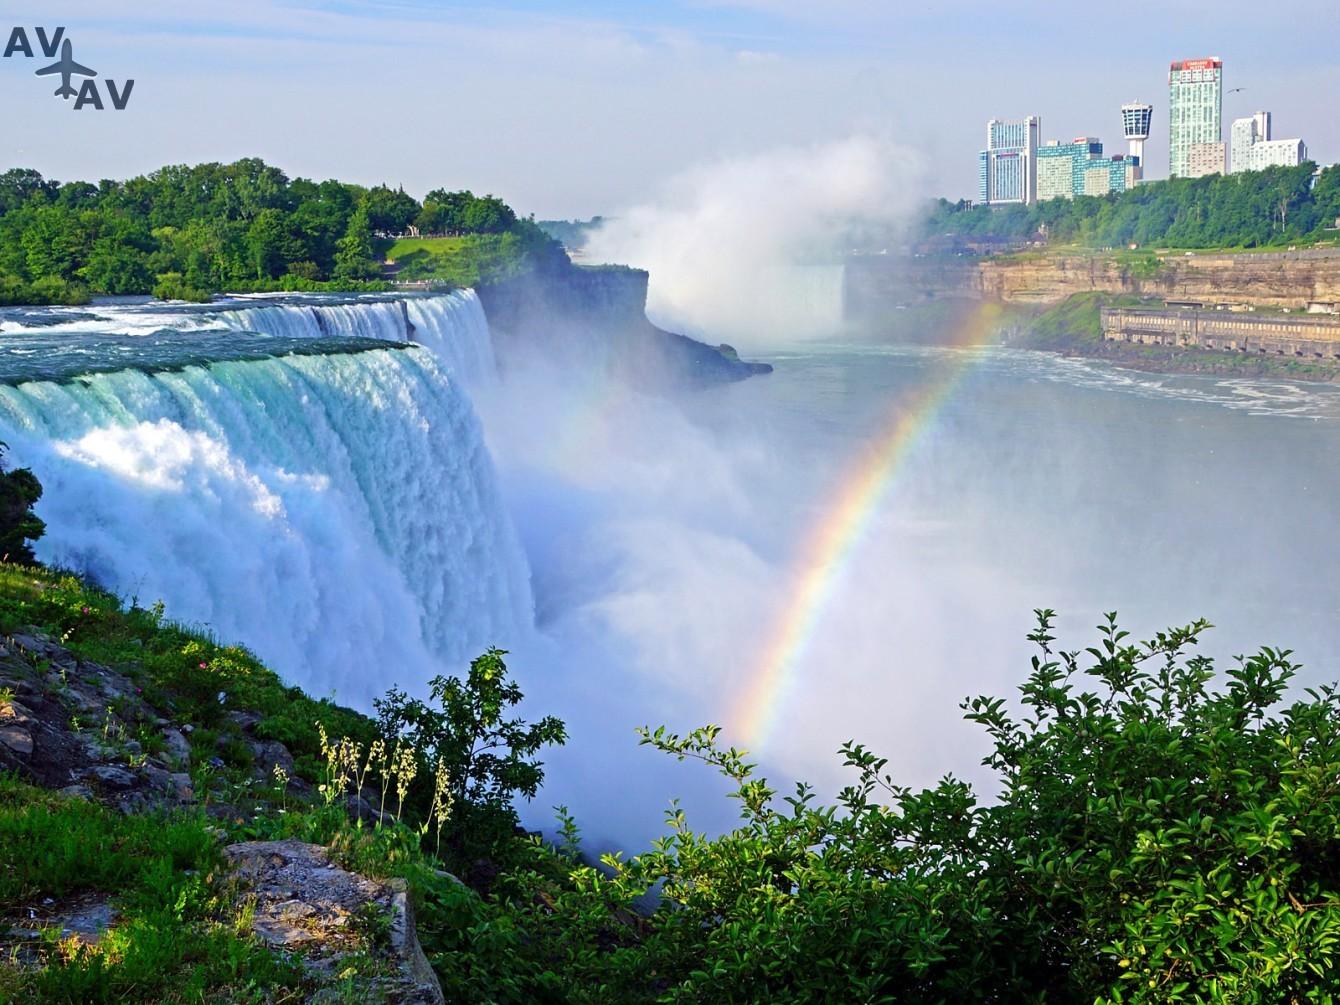 Niagarskiy vodopad - Интересные факты о Ниагарском водопаде